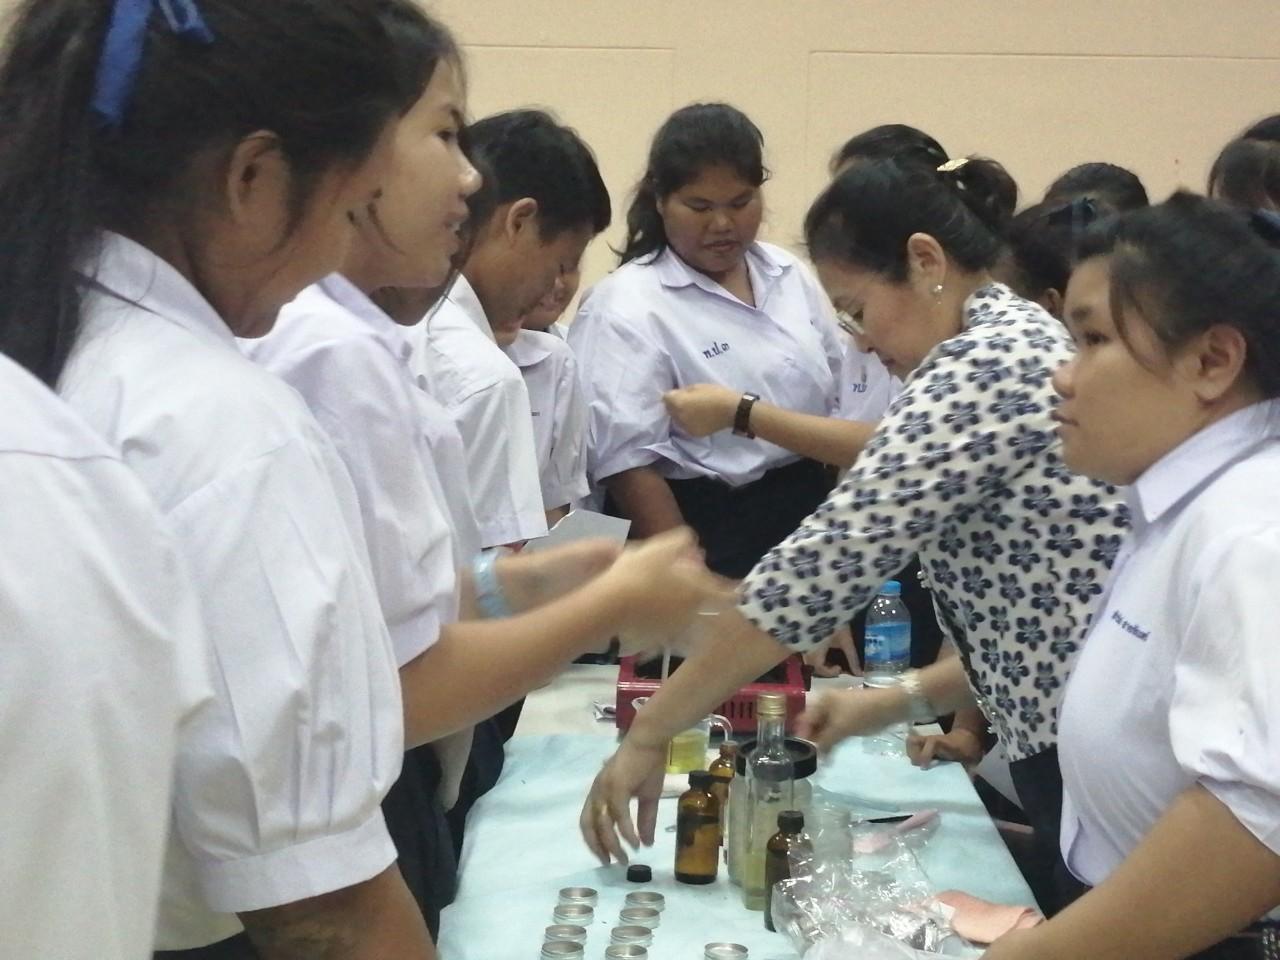 โครงการเตรียมความพร้อมแก่กำลังแรงงาน กิจกรรมแนะแนวอาชีพให้นักเรียน นักศึกษา